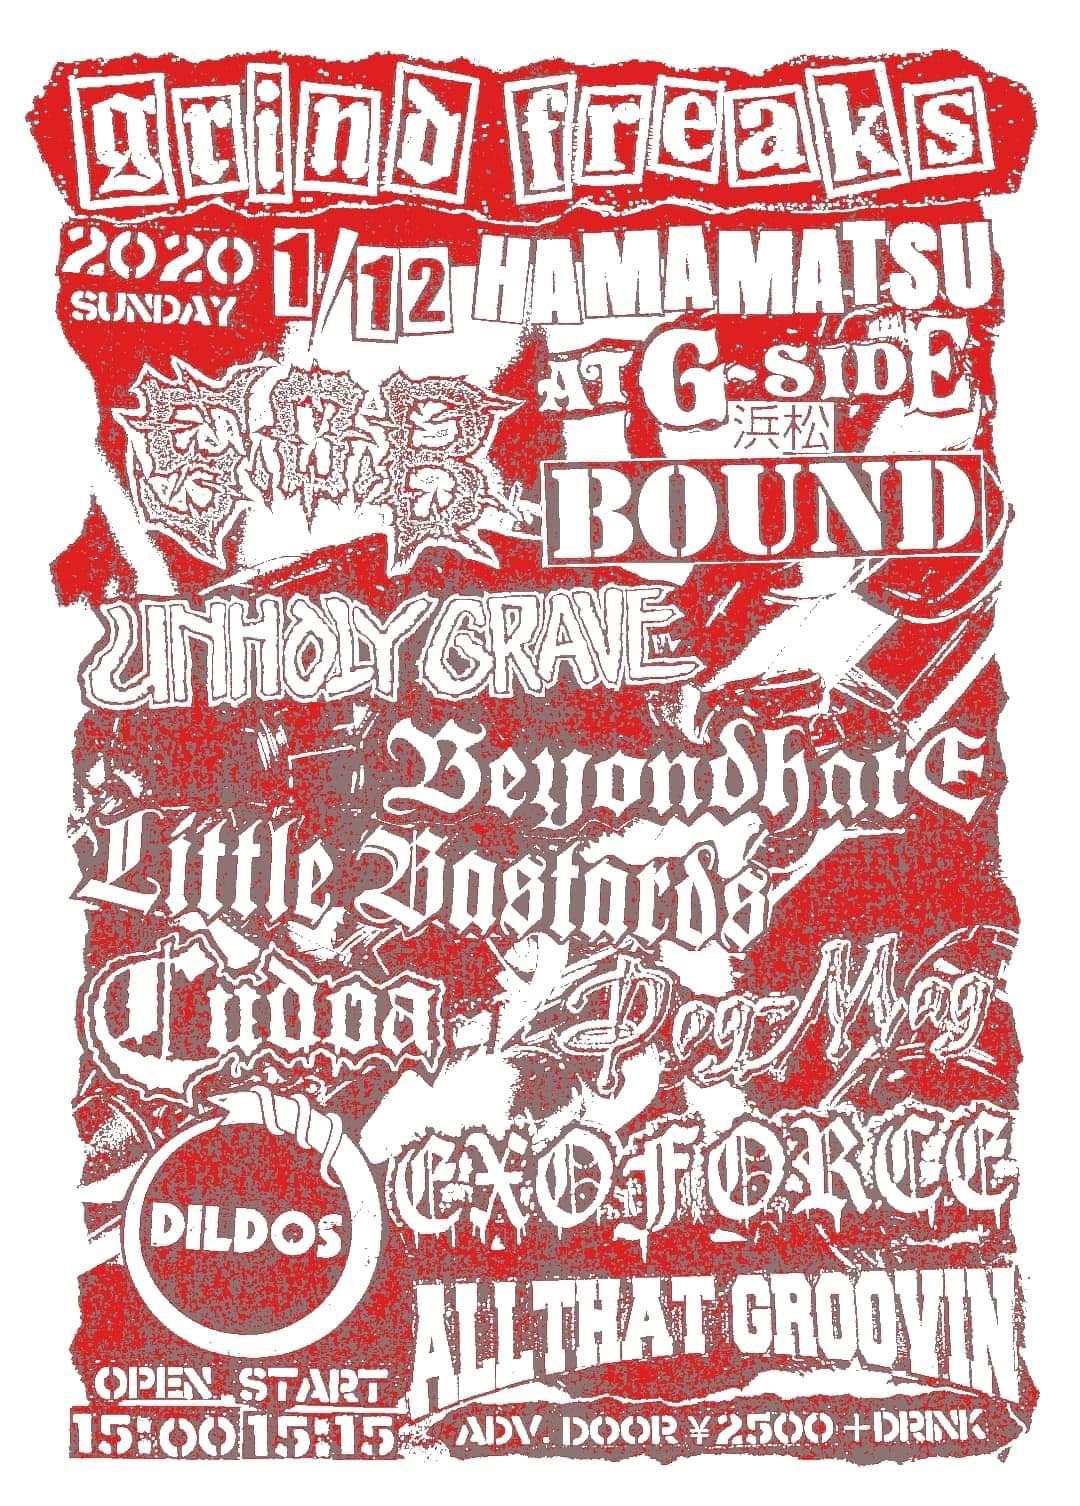 1月12日日曜日 Grind Freaks 浜松